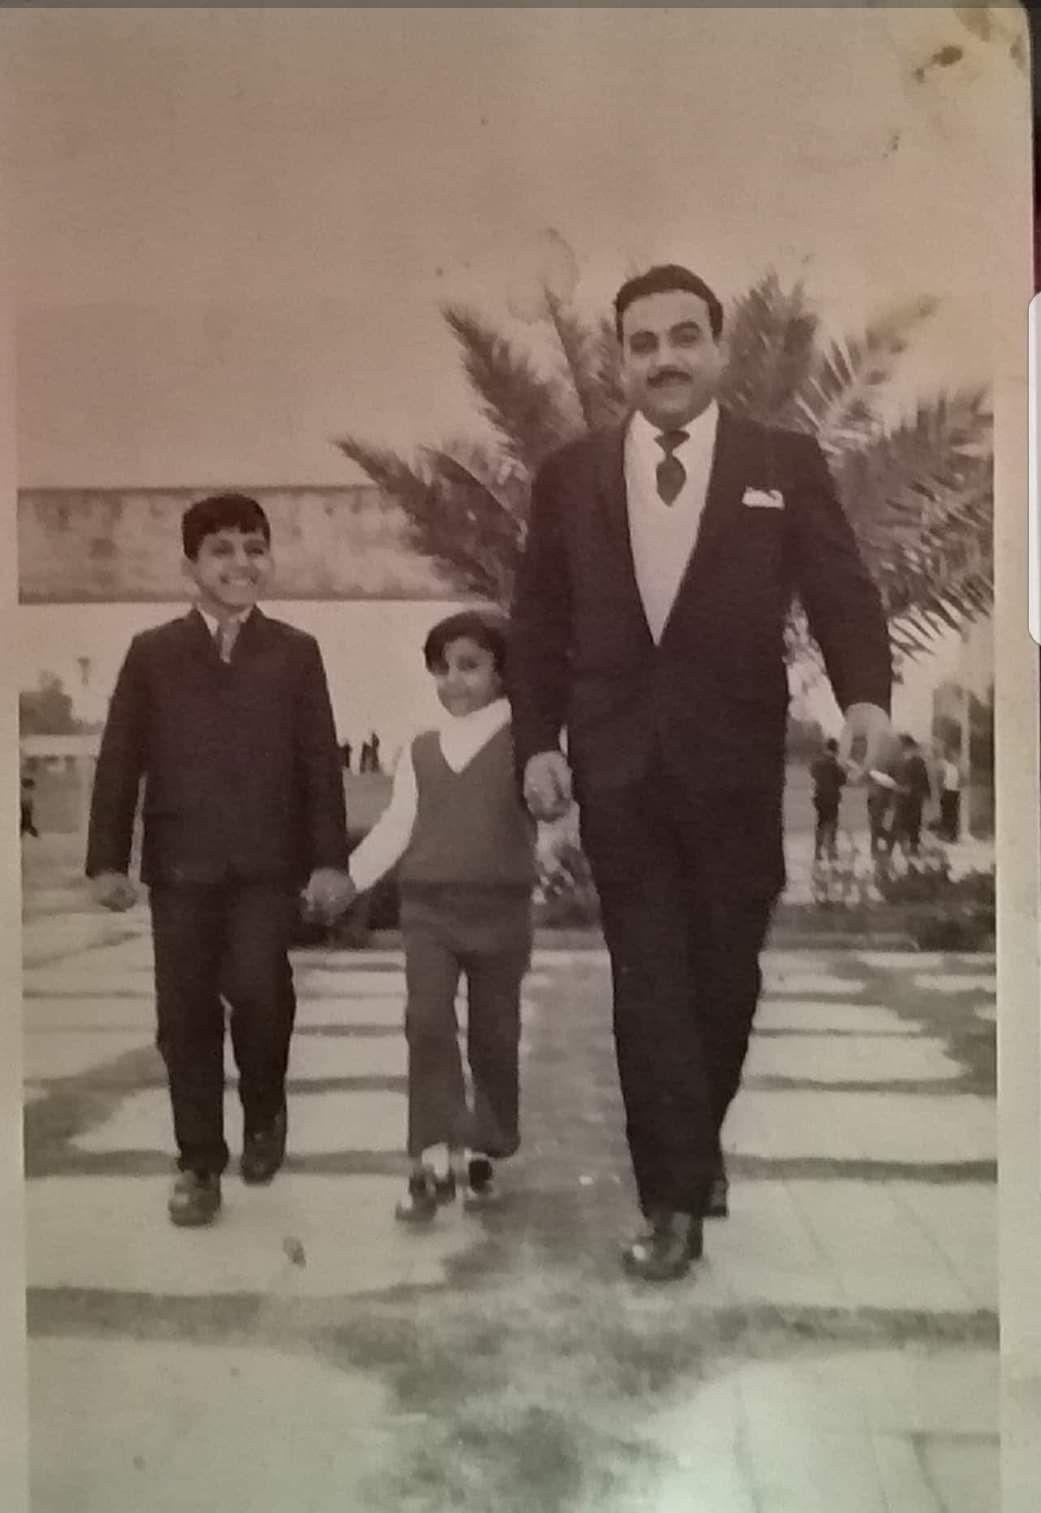 عائلة بغدادية عند الخروج من المنزل أيام زمان Historical Figures Baghdad Historical